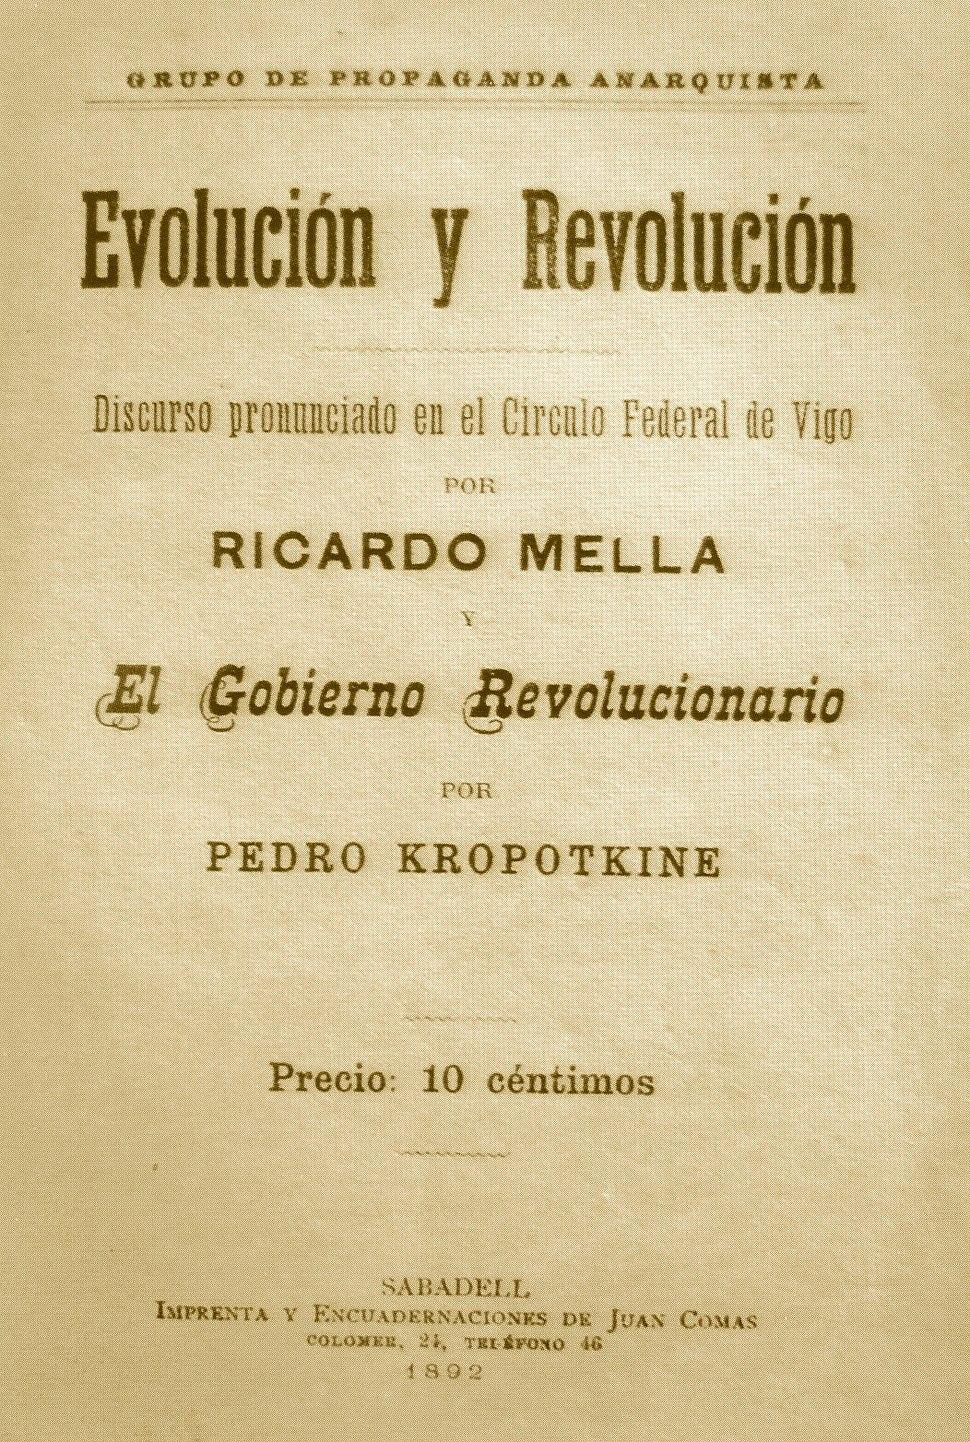 Anarquismo. 1892. Evolución e revolución. Ricardo Mella